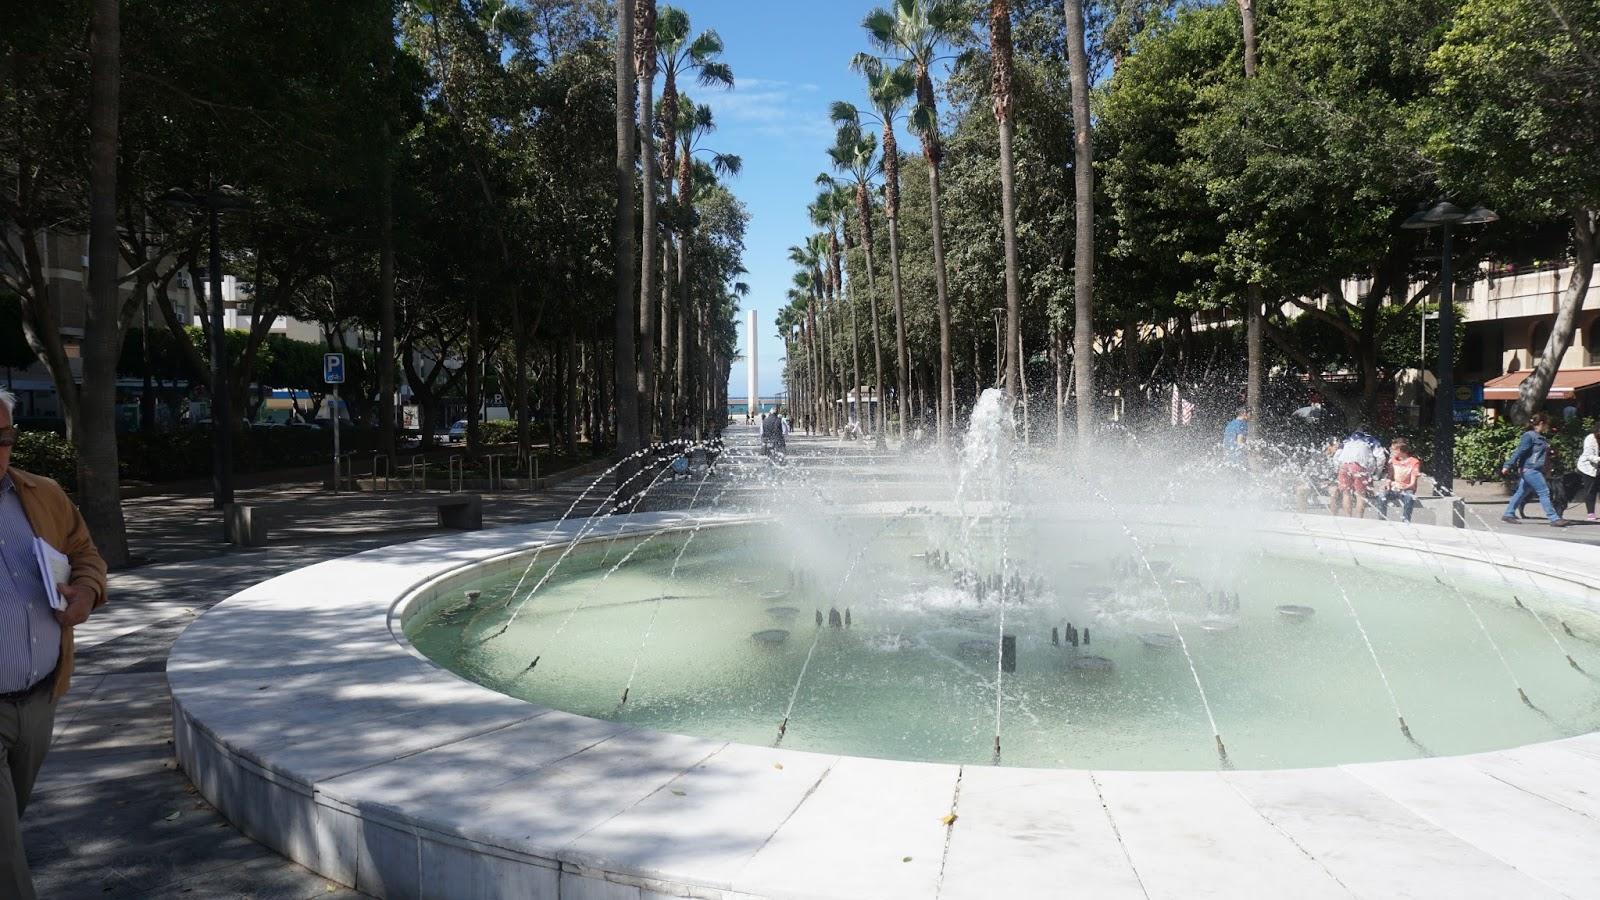 Almeria, Hiszpania, południowa Hiszpania